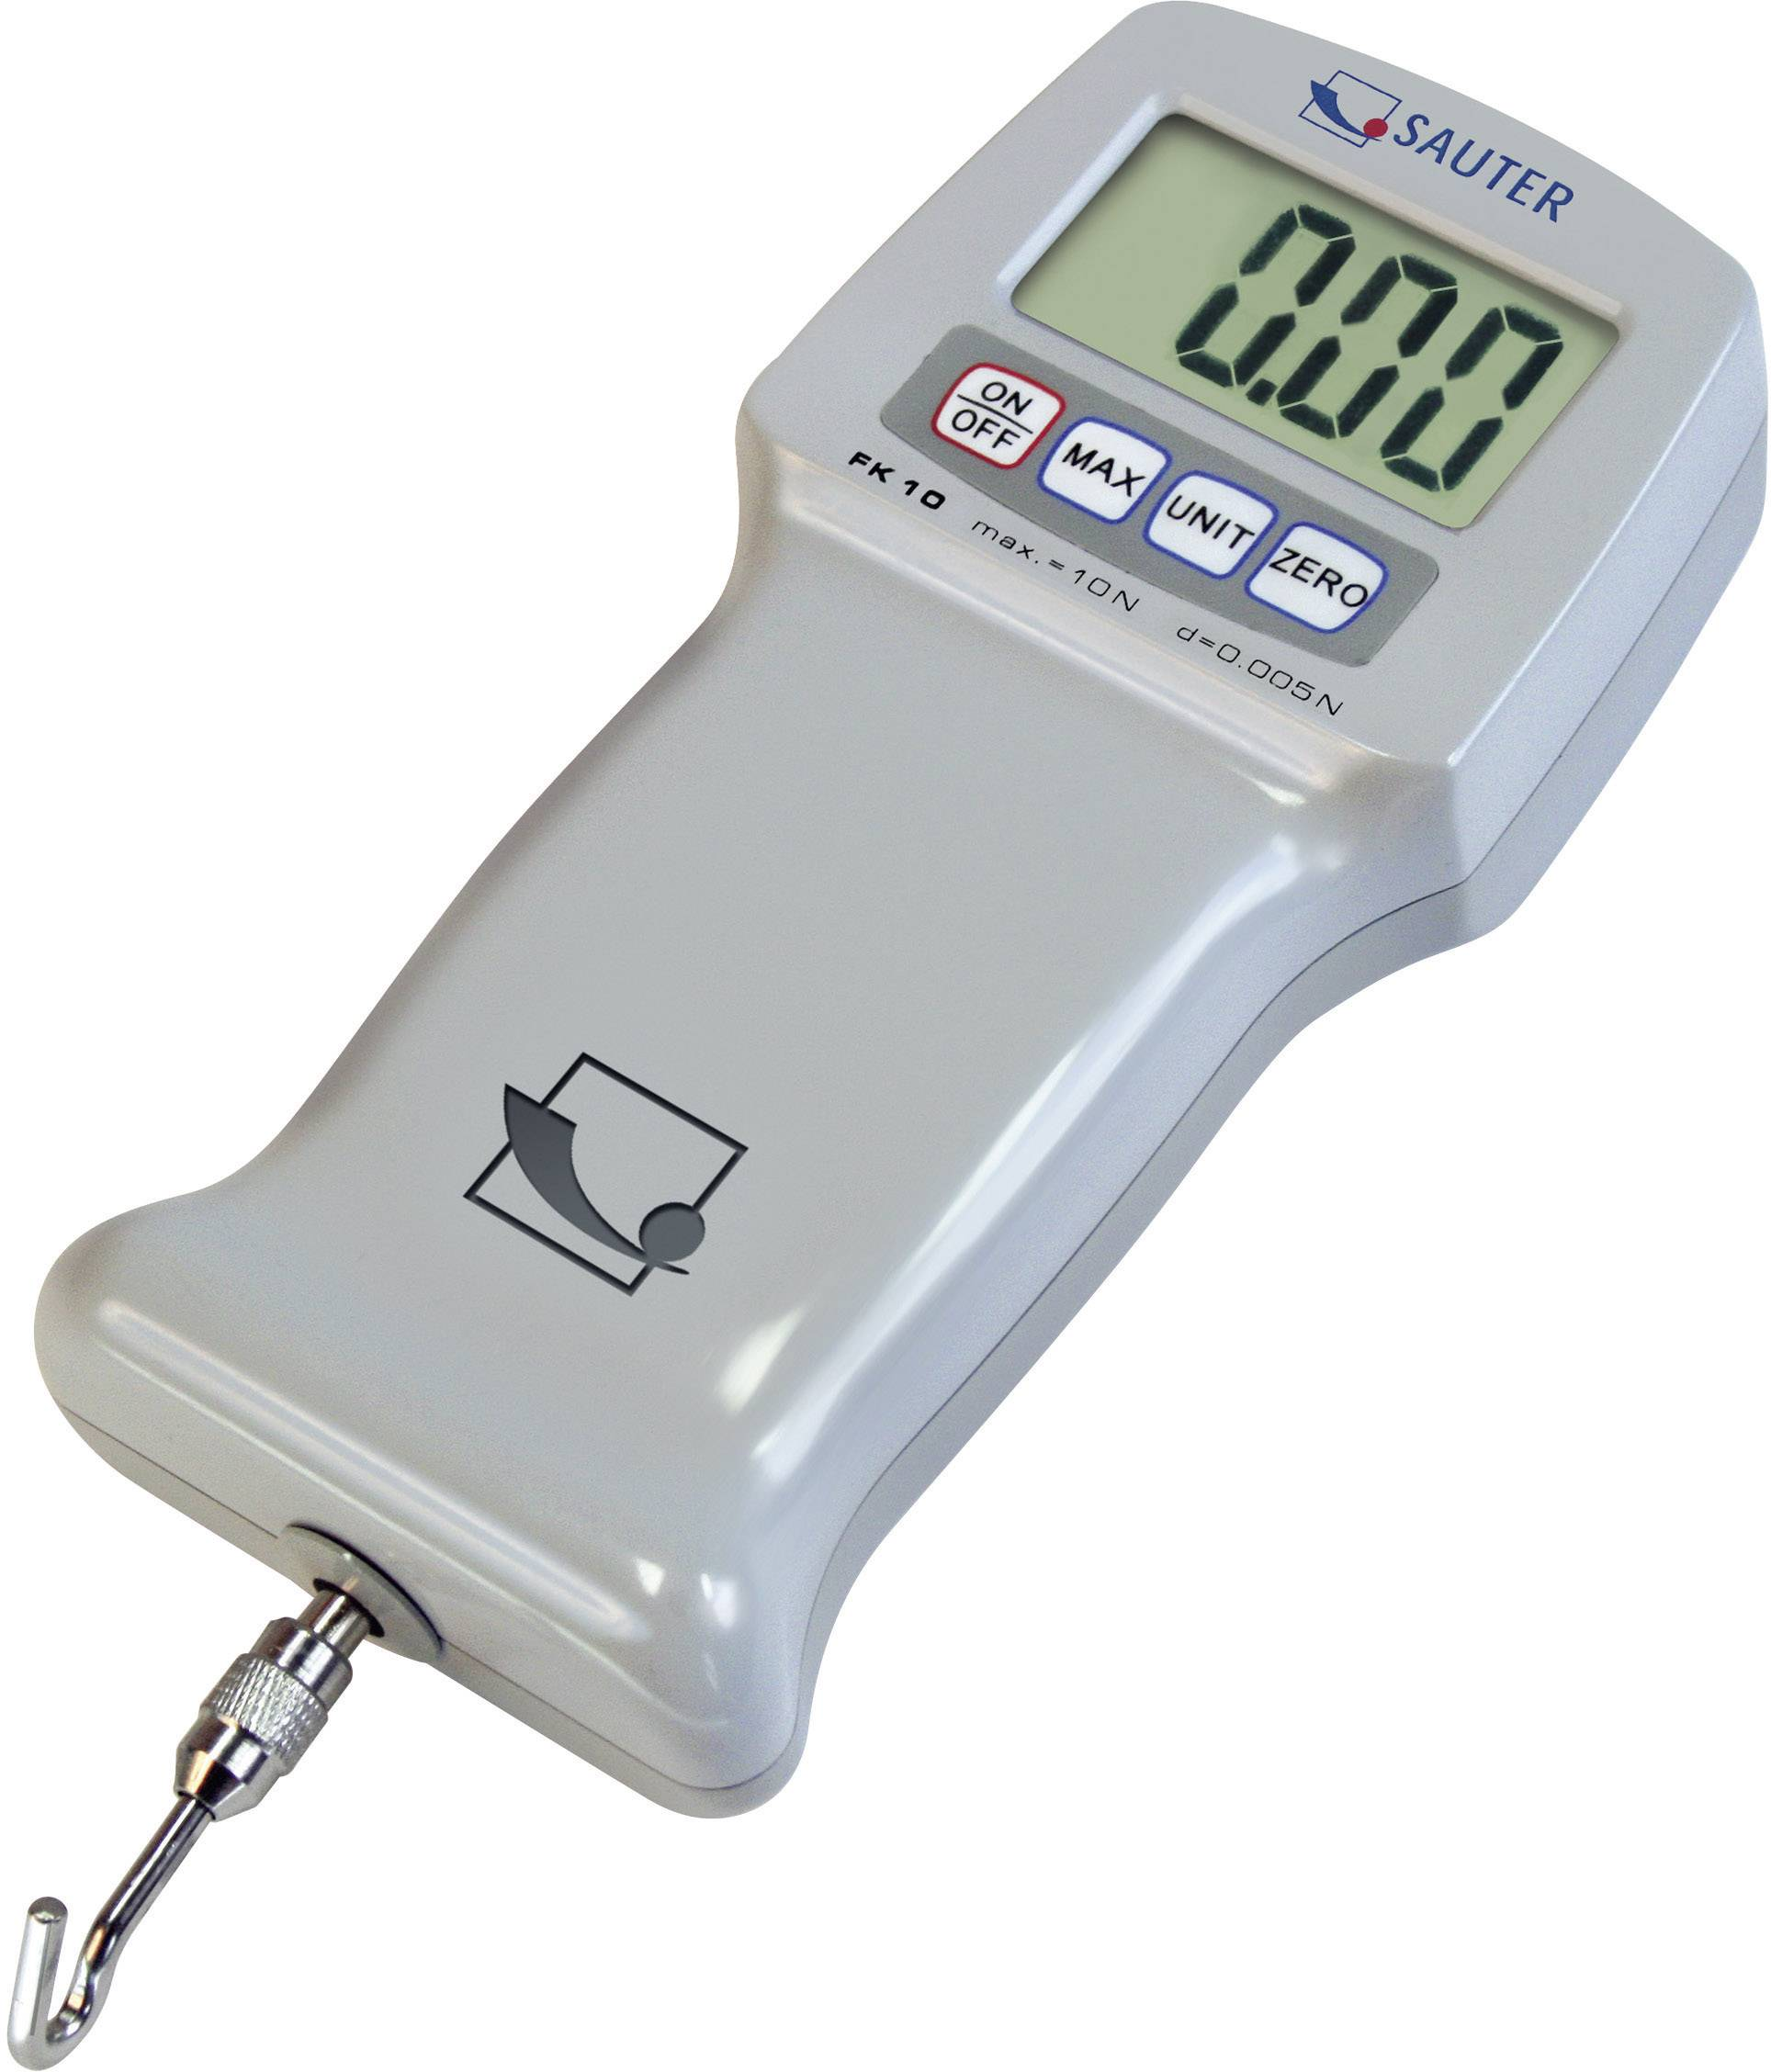 Digitální siloměr Sauter FK 1K, 1000 N, kalibrace dle ISO, kalibrováno dle ISO